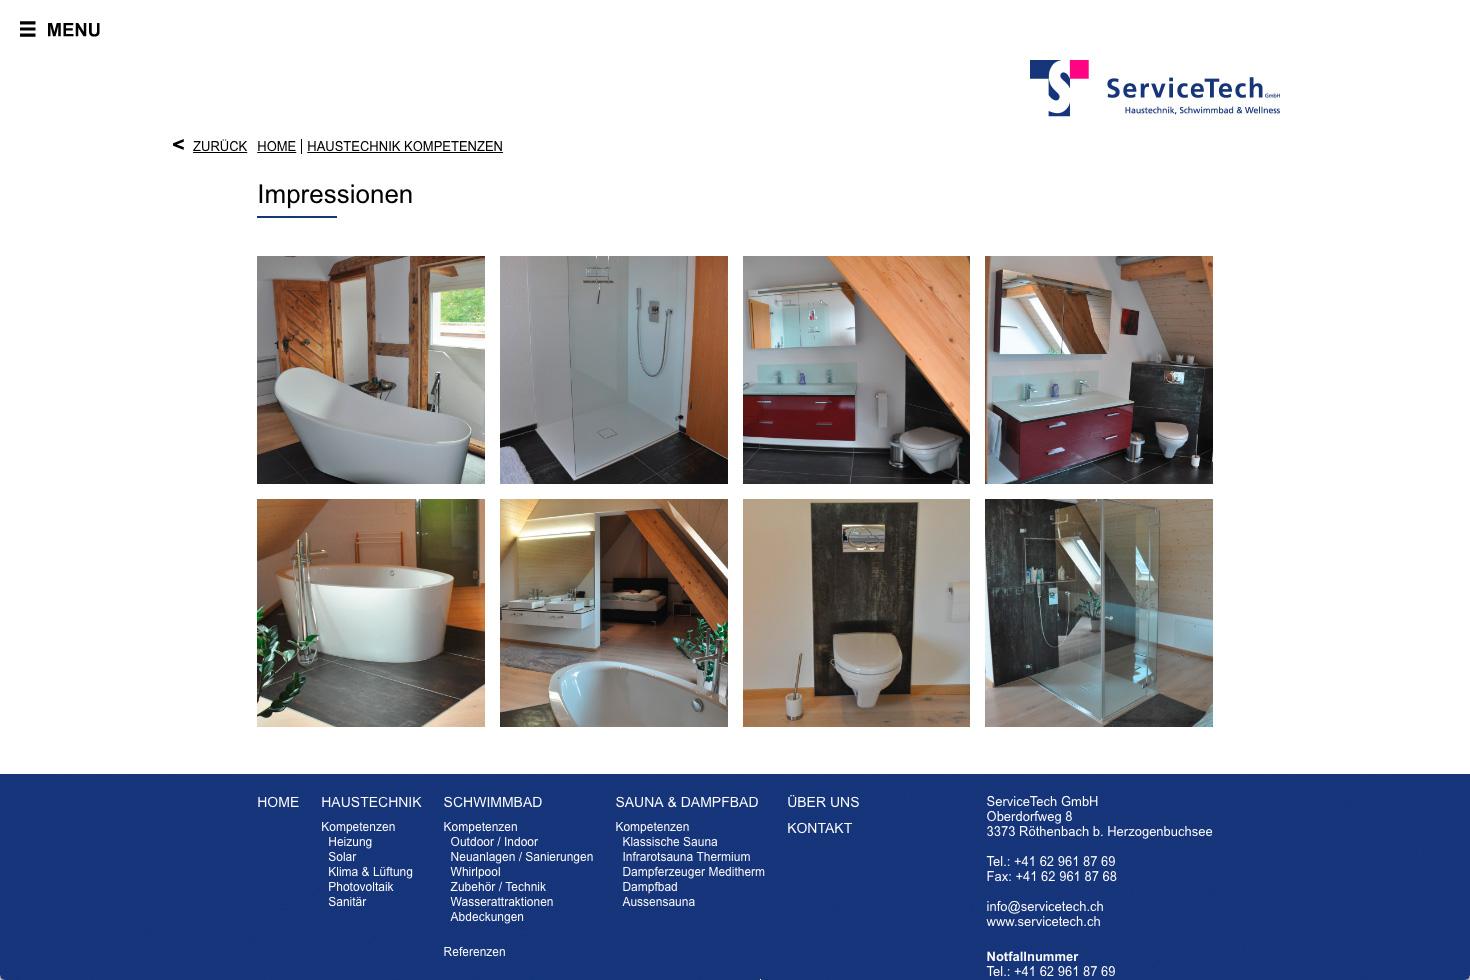 Bild 4 vom ServiceTech Webseite